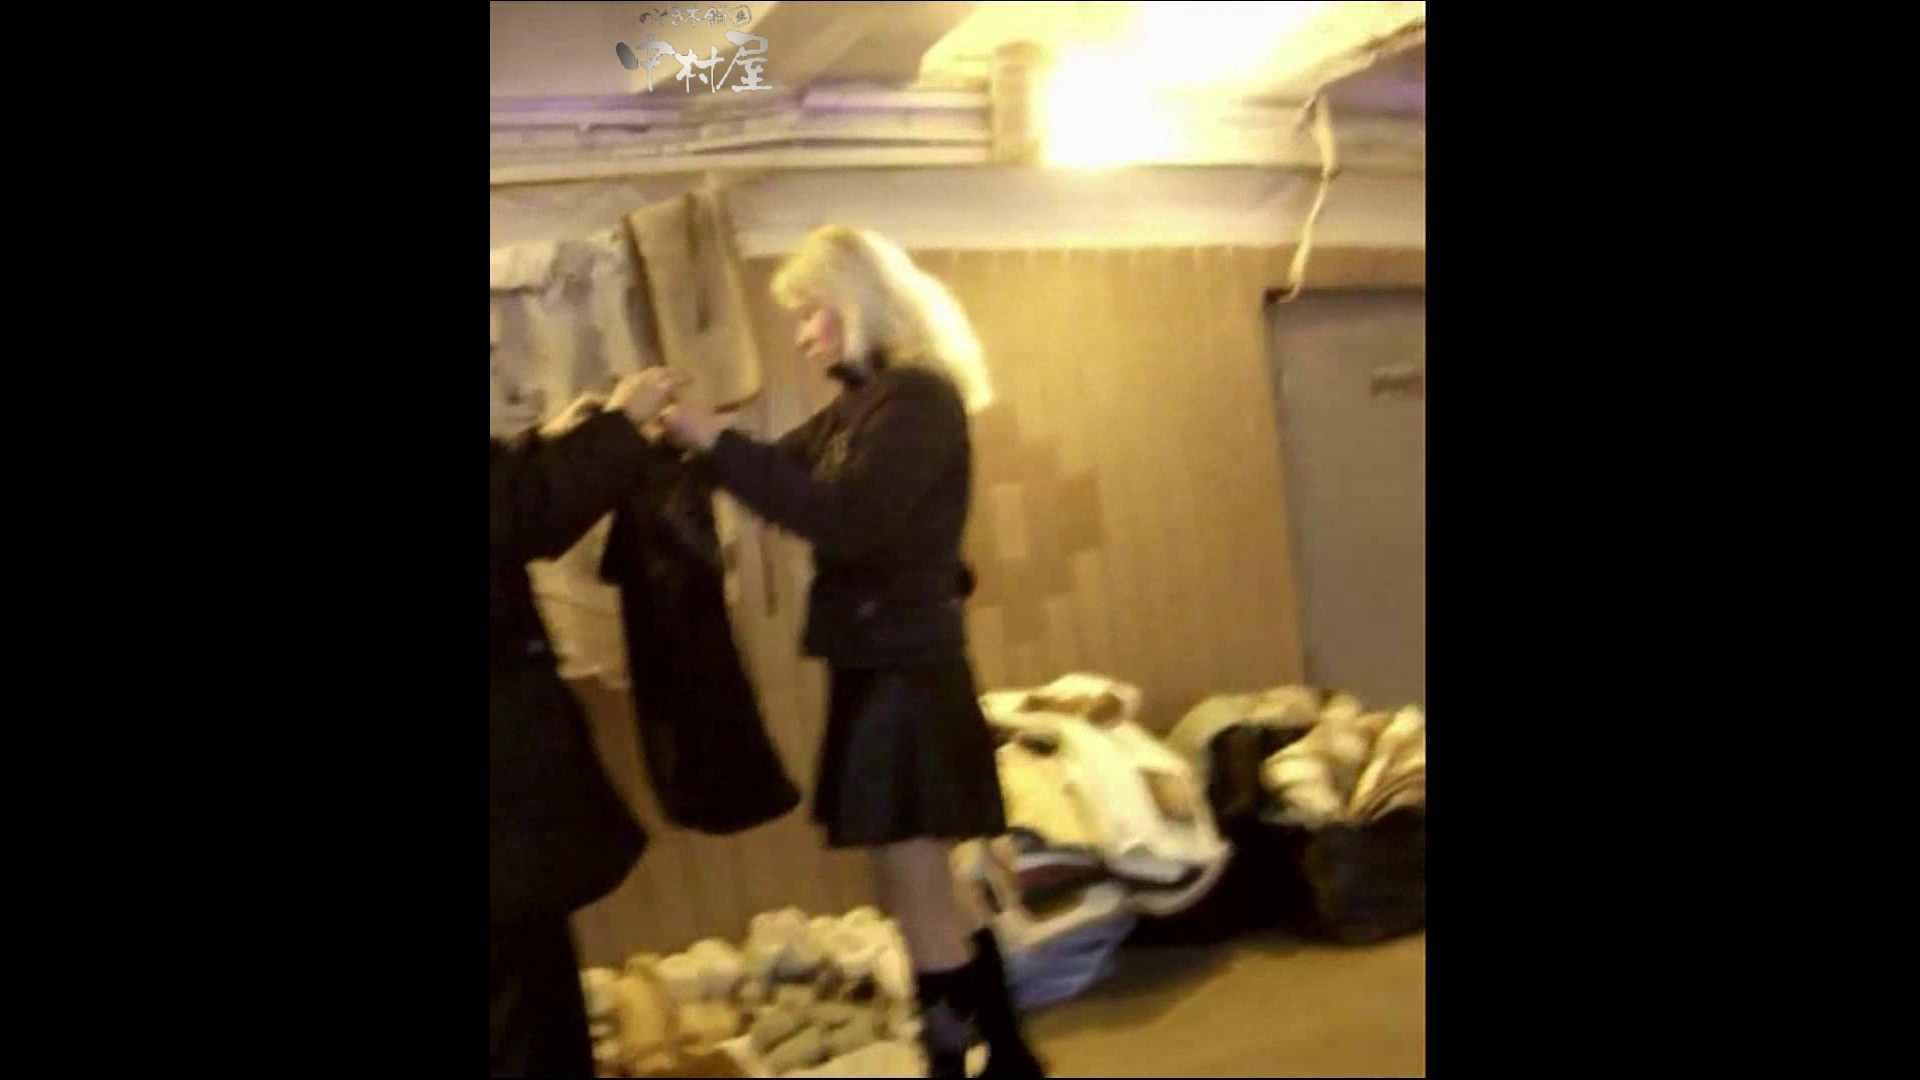 綺麗なモデルさんのスカート捲っちゃおう‼ vol18 お姉さんヌード   OLセックス  81画像 77